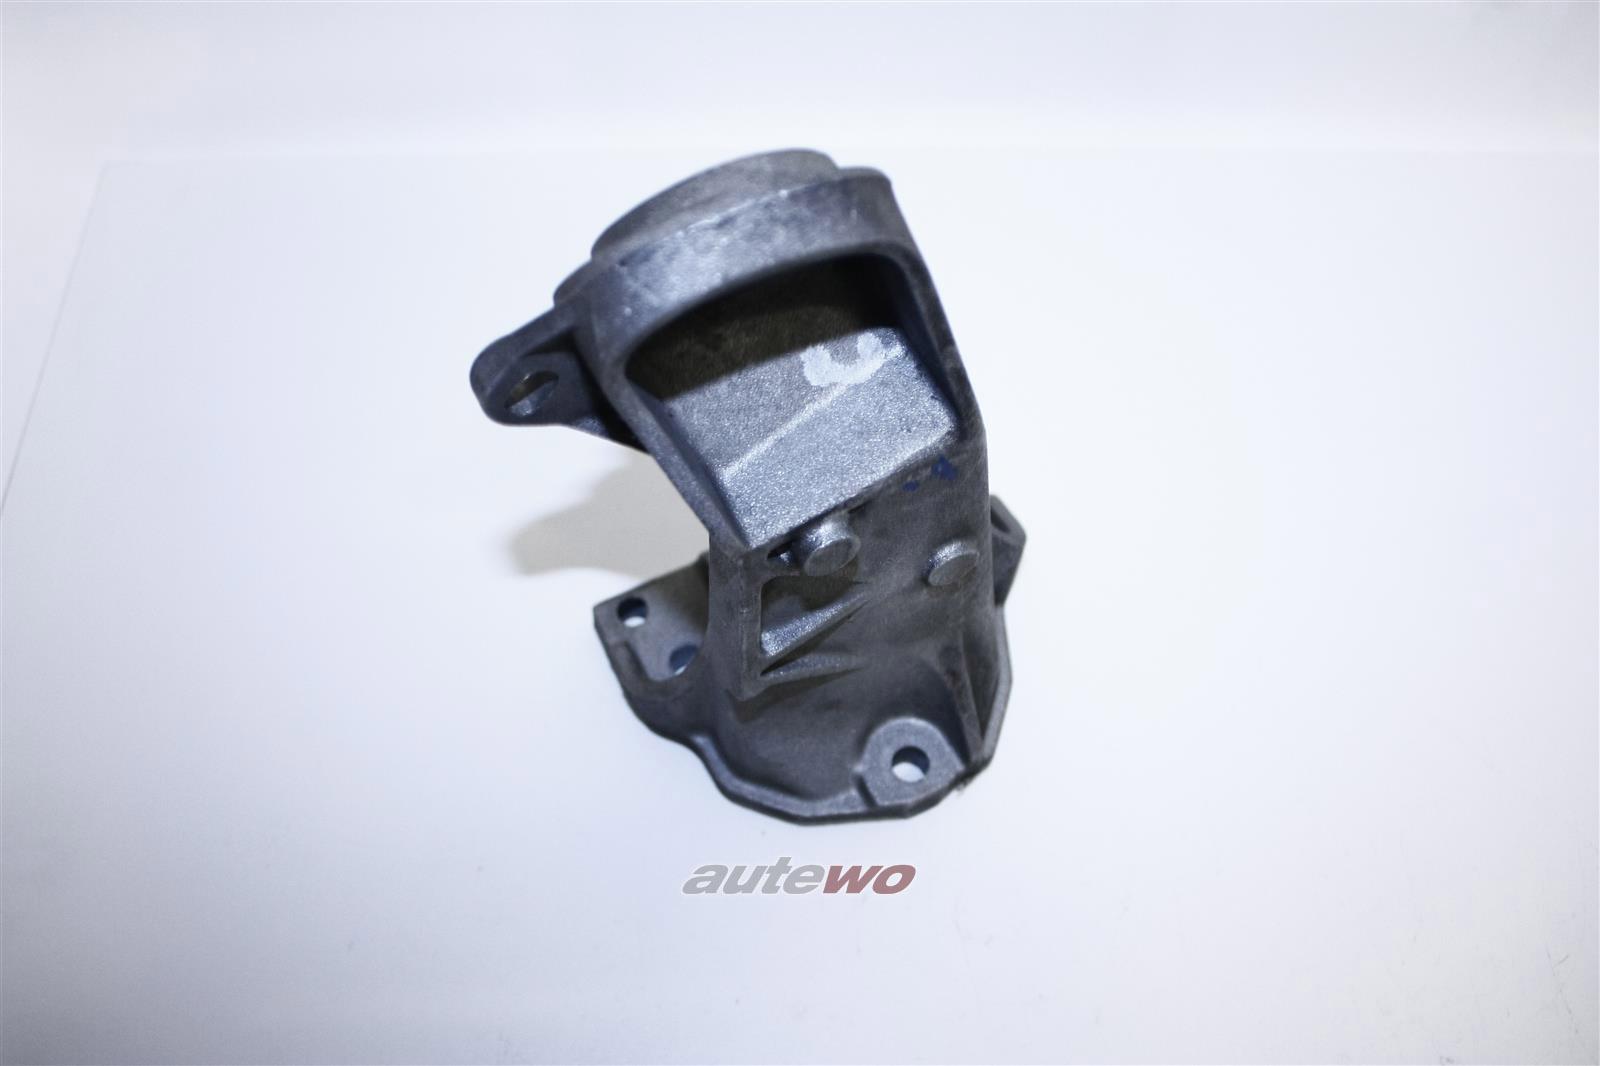 443199312 NEU Audi 80/90 Typ 81/85/Urquattro/100/200 Typ 44 Motorhalter Rechts